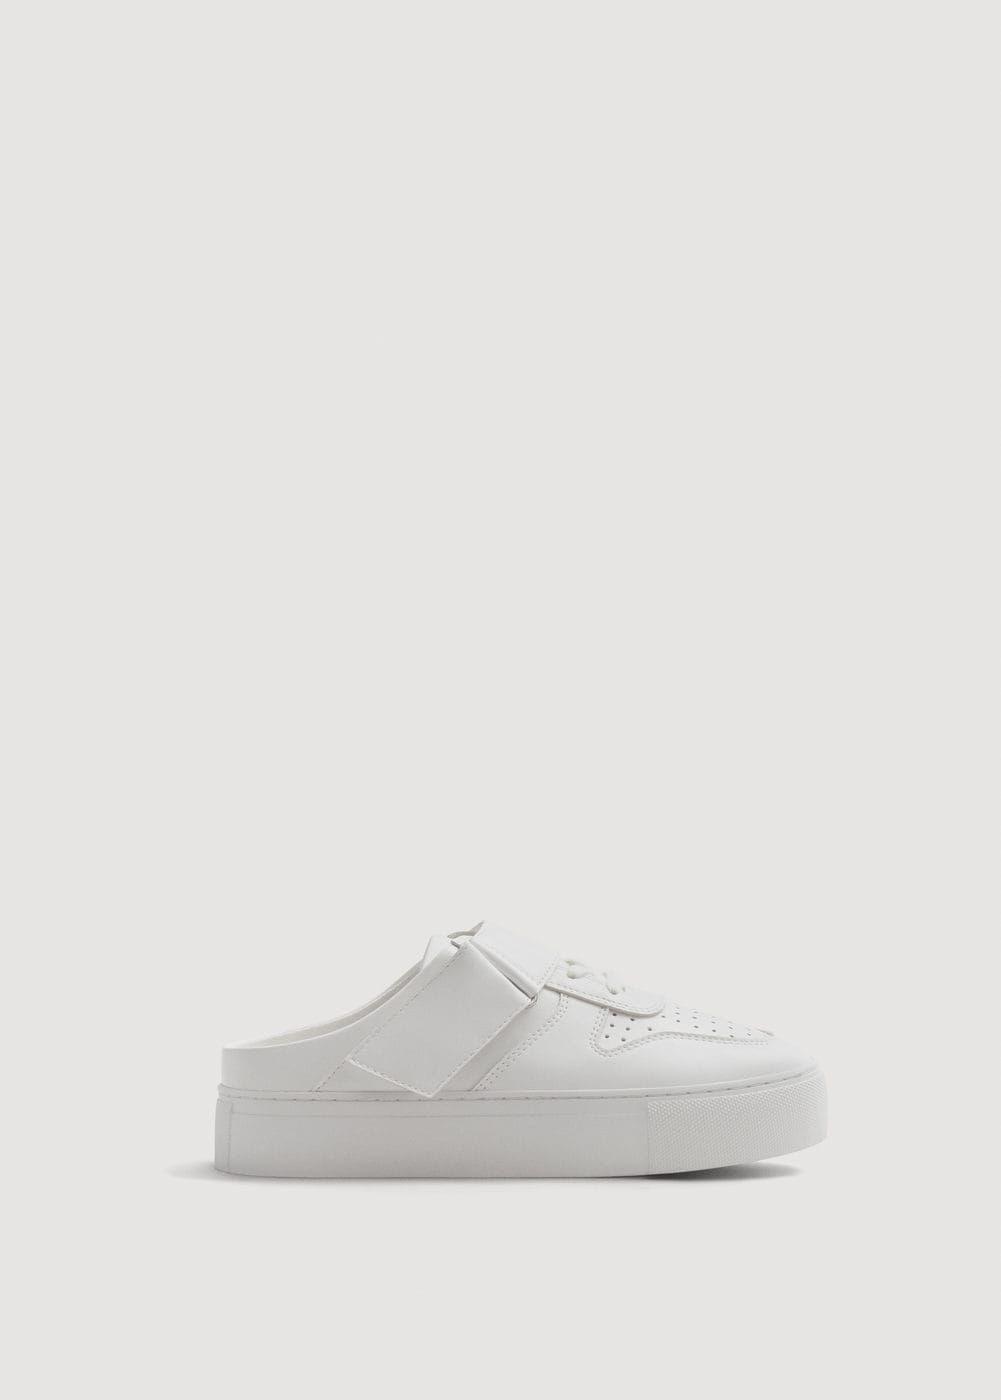 Deportivas Destalonadas Zapatos Details Shoe Mujer Zapatos rfqU0rw